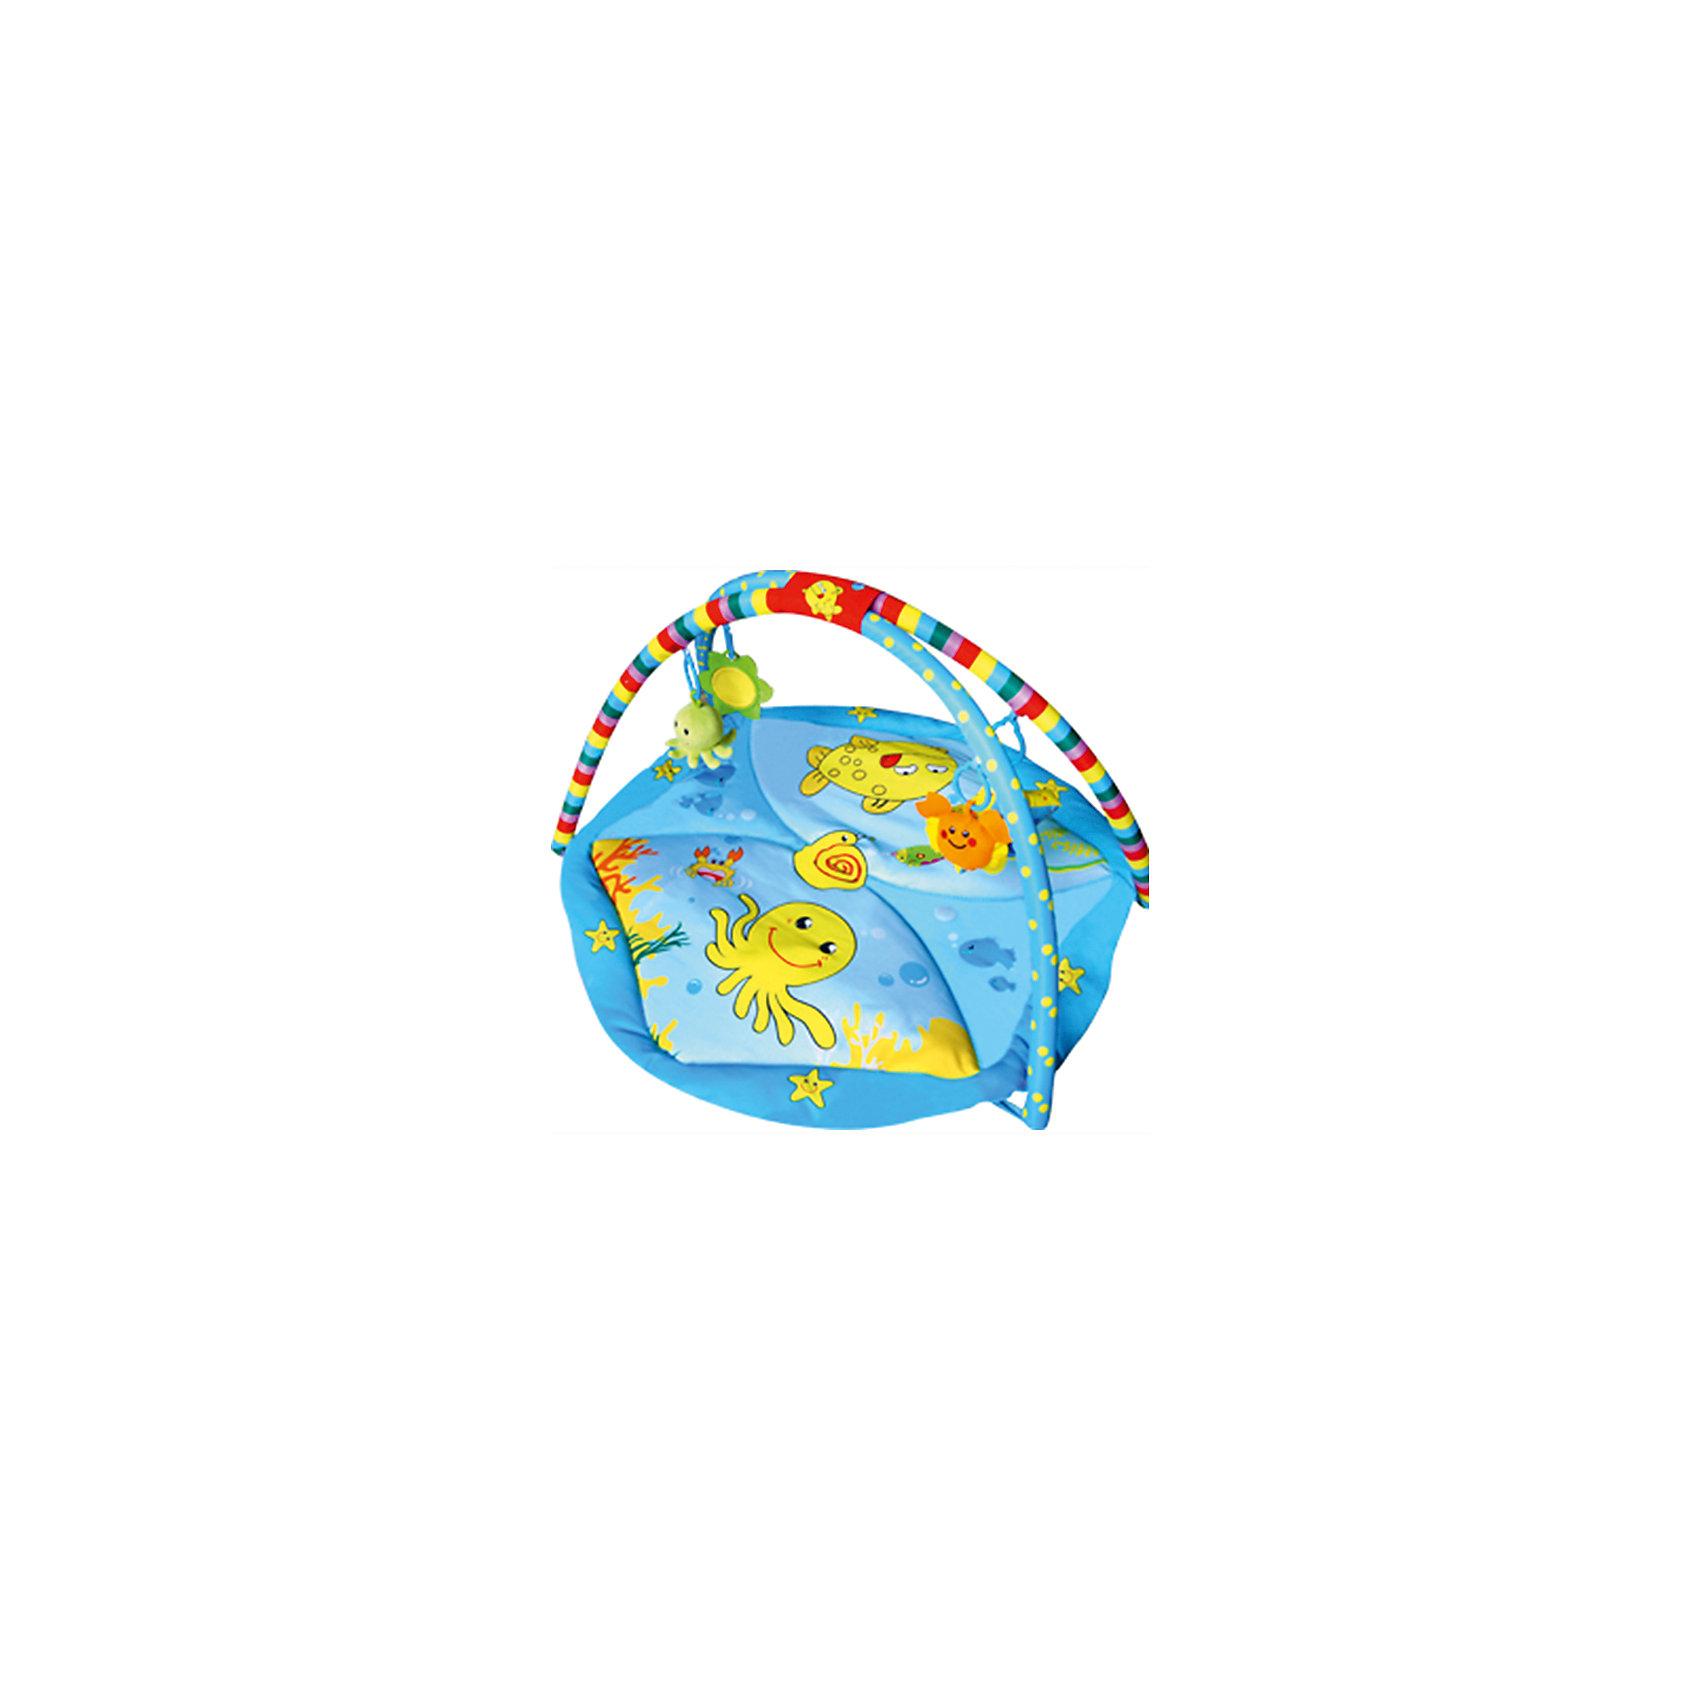 Развивающий коврик Голубой океан, 85х85х45 см, LA-DI-DAРазвивающие коврики<br>Развивающий коврик Голубой океан, 85х85х45 см, LA-DI-DA (Ла Ди Да)<br><br>Характеристики:<br><br>• яркий дизайн с красивыми рисунками<br>• 2 дуги<br>• подвесные игрушки (5 шт.)<br>• музыкальный блок-мобиль<br>• материал: текстиль, пластик<br>• размер: 85х85х45 см<br>• вес: 1600 грамм<br><br>О развитии ребенка следует заботиться с самого рождения. Например, занятия на игровом коврике помогут развить координацию движений, моторику, тактильные ощущения, звуковое и цветовое восприятие. Коврик Голубой океан изготовлен из качественных материалов, приятных на ощупь. Поверхность коврика не вызовет раздражения на нежной коже ребенка. Модель имеет две удобные дуги с пятью колечками. На них подвешены игрушки, но вы можете прикрепить и любимые игрушки малыша. В центре коврика есть музыкальный блок-мобиль. Вращающиеся игрушки привлекут внимание крохи, а расслабляющая музыка успокоит, если малыш расстроен. Коврик легко складывается и очень компактен при хранении и транспортировке.<br><br>Развивающий коврик Голубой океан, 85х85х45 см, LA-DI-DA (Ла Ди Да) вы можете купить в нашем интернет-магазине.<br><br>Ширина мм: 850<br>Глубина мм: 850<br>Высота мм: 450<br>Вес г: 1610<br>Возраст от месяцев: 0<br>Возраст до месяцев: 36<br>Пол: Унисекс<br>Возраст: Детский<br>SKU: 4785534